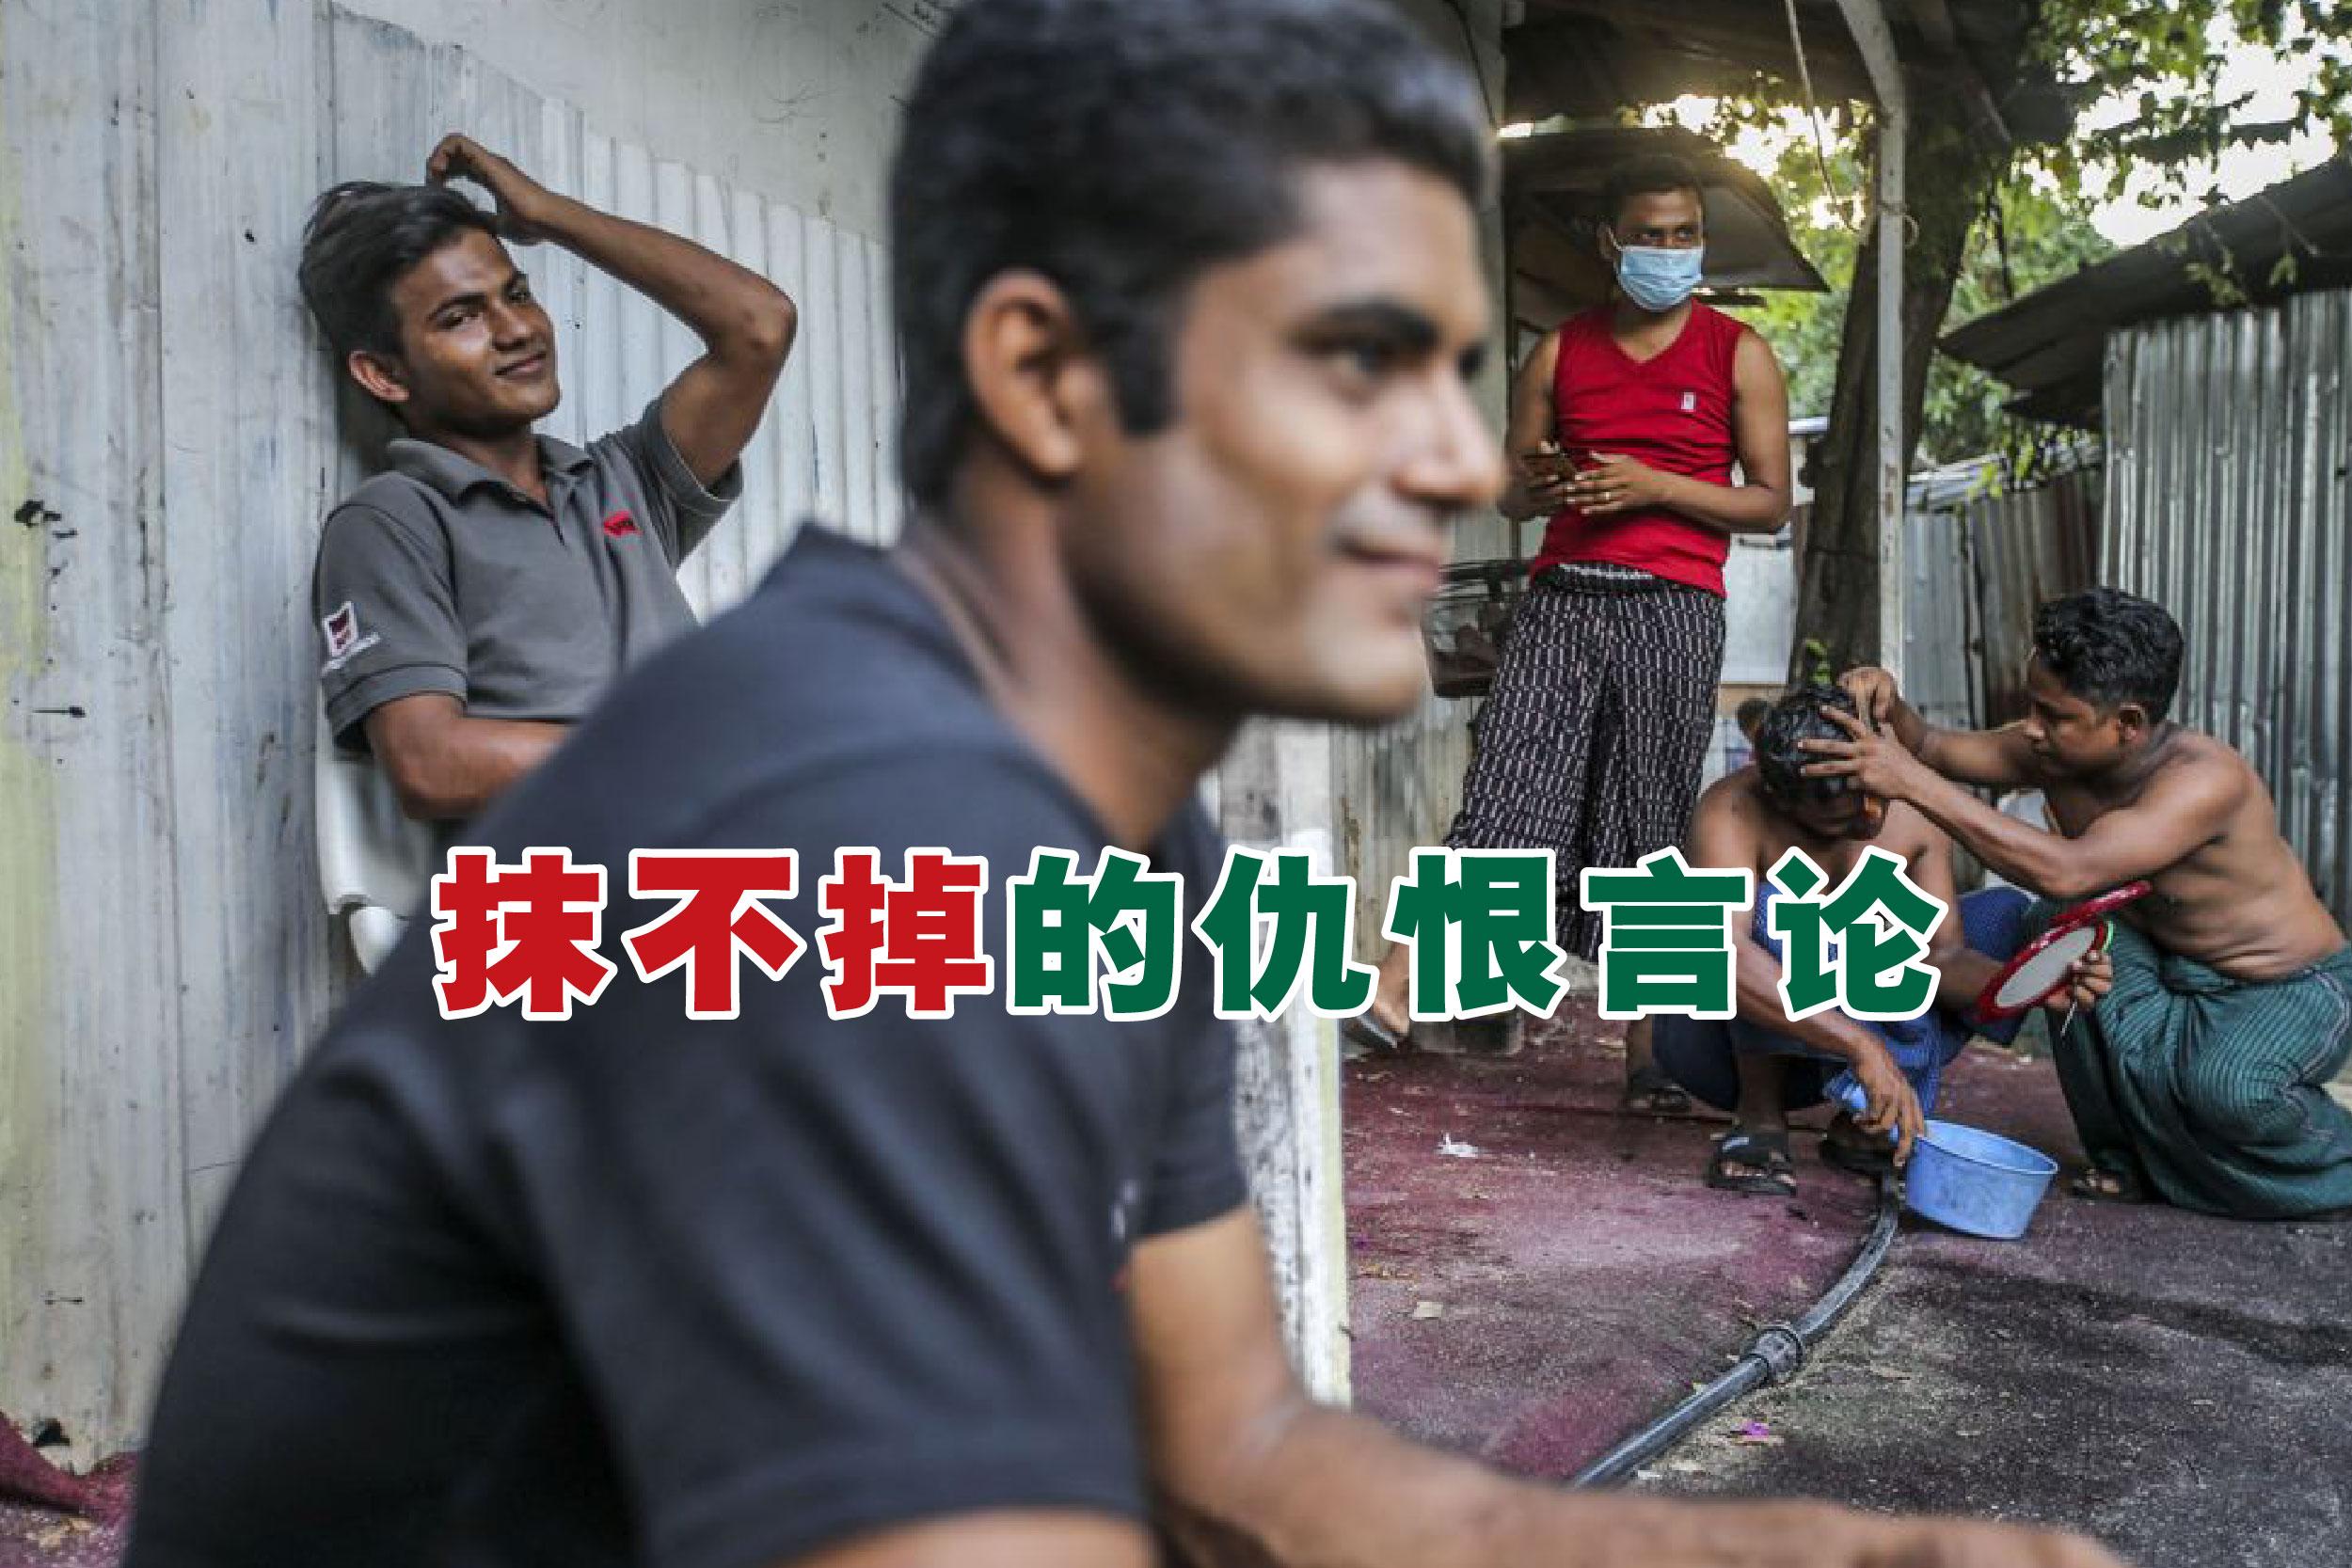 人权组织表示,首相丹斯里慕尤丁没采取行动歇止反罗兴亚言论。-Hari Anggara摄,精彩大马制图-